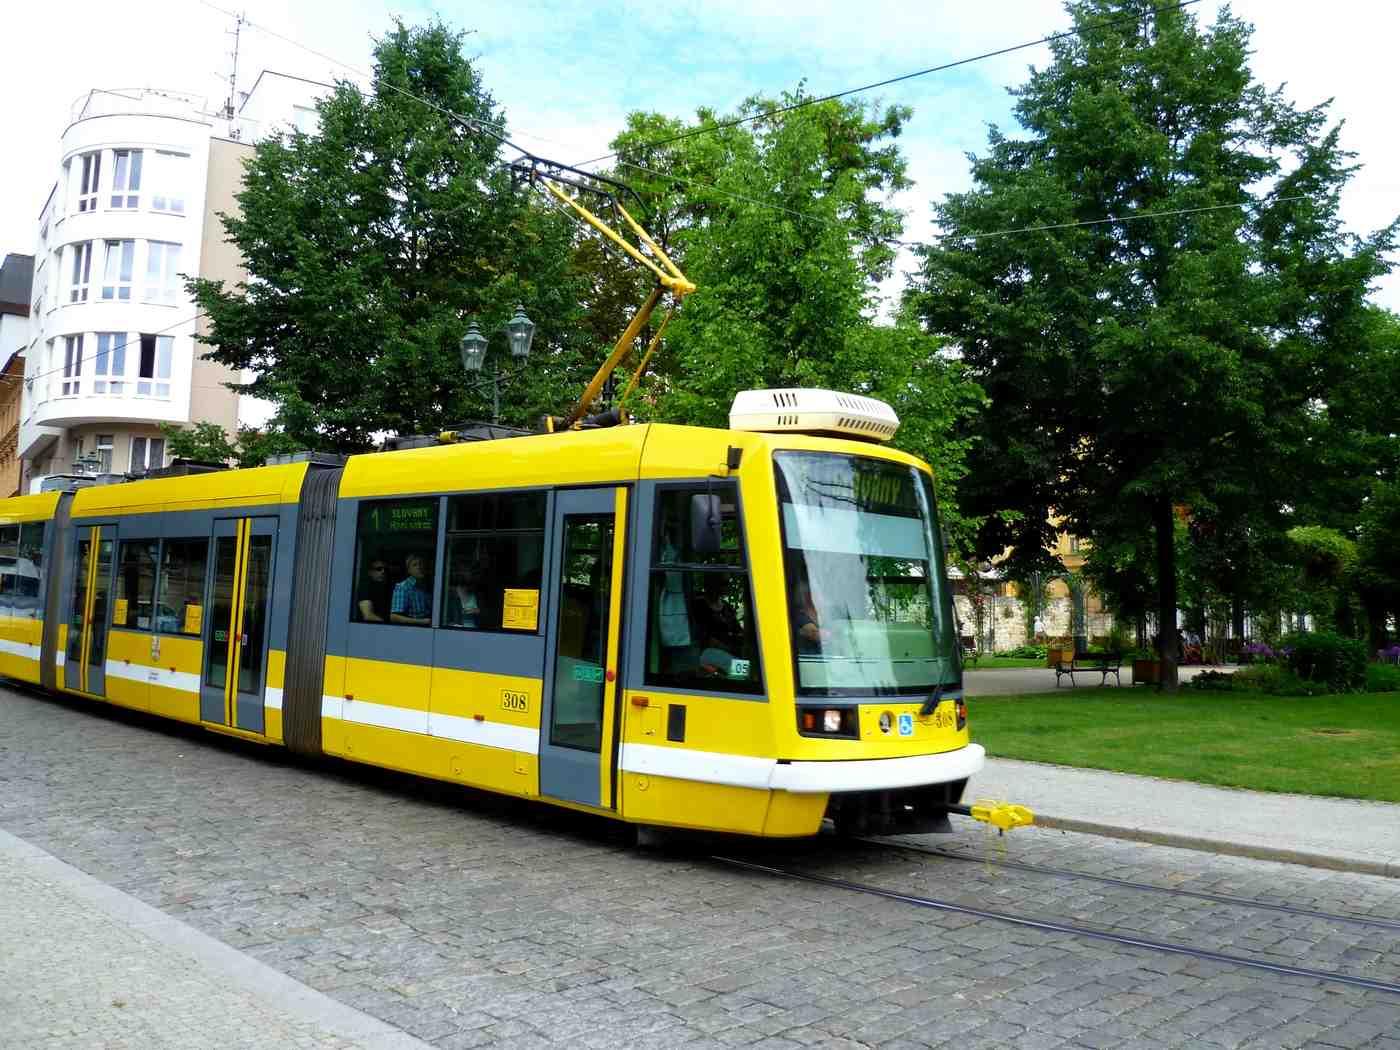 Вы можете использовать трамвай, автобус или троллейбус в Пльзене. Пльзень (plzen), Чехия Пльзень (Plzen), Чехия pilsen tram